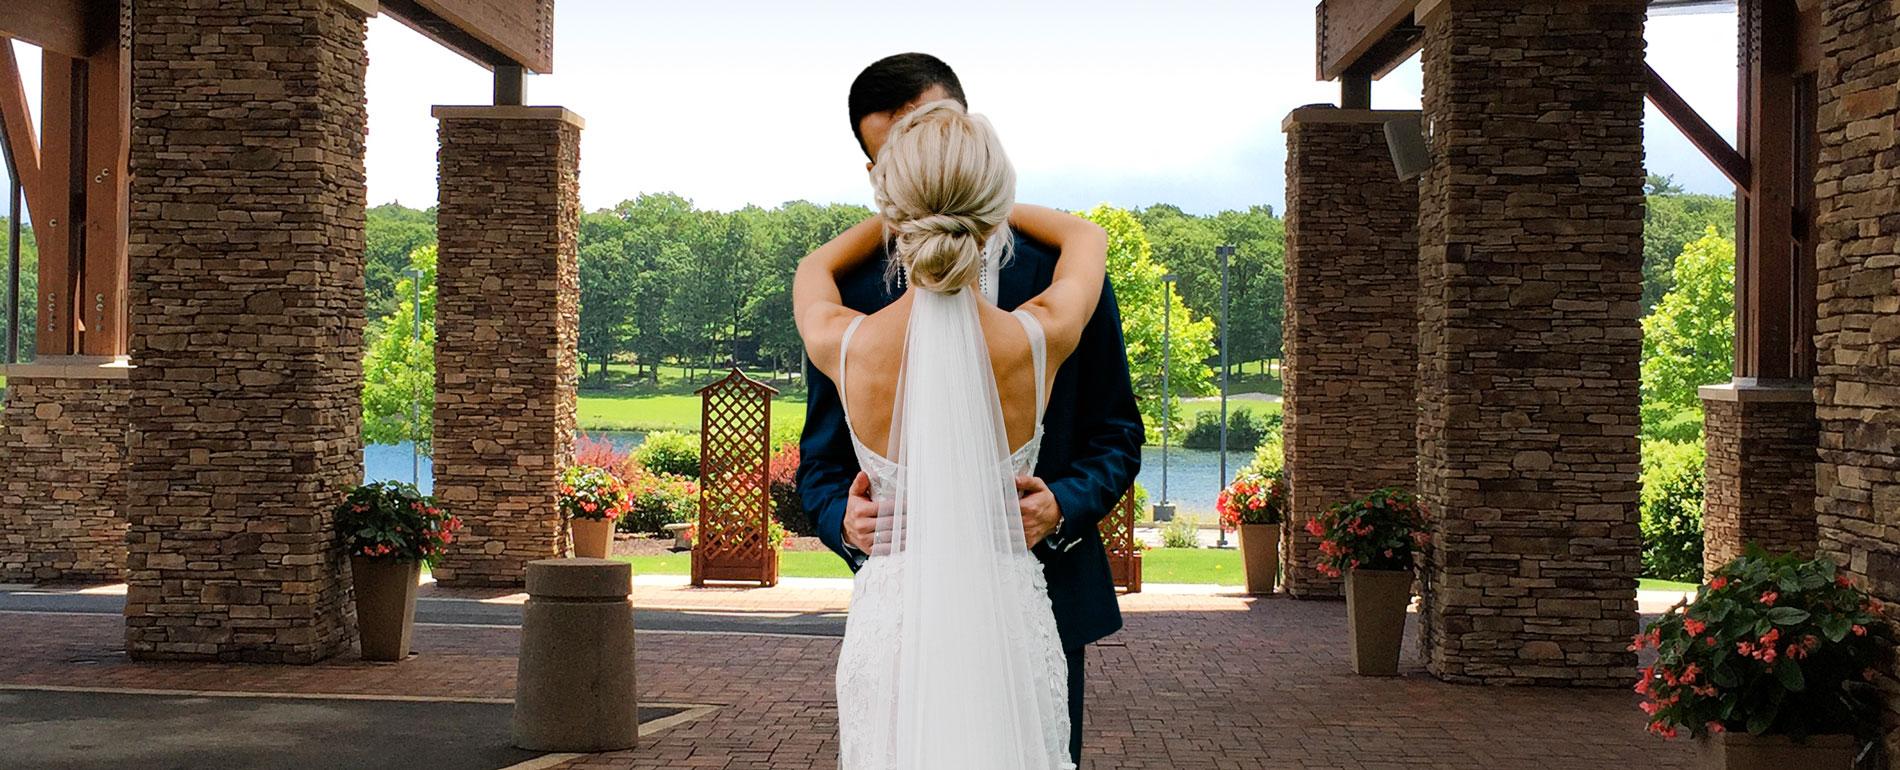 Spring Summer Wedding in the Pocono